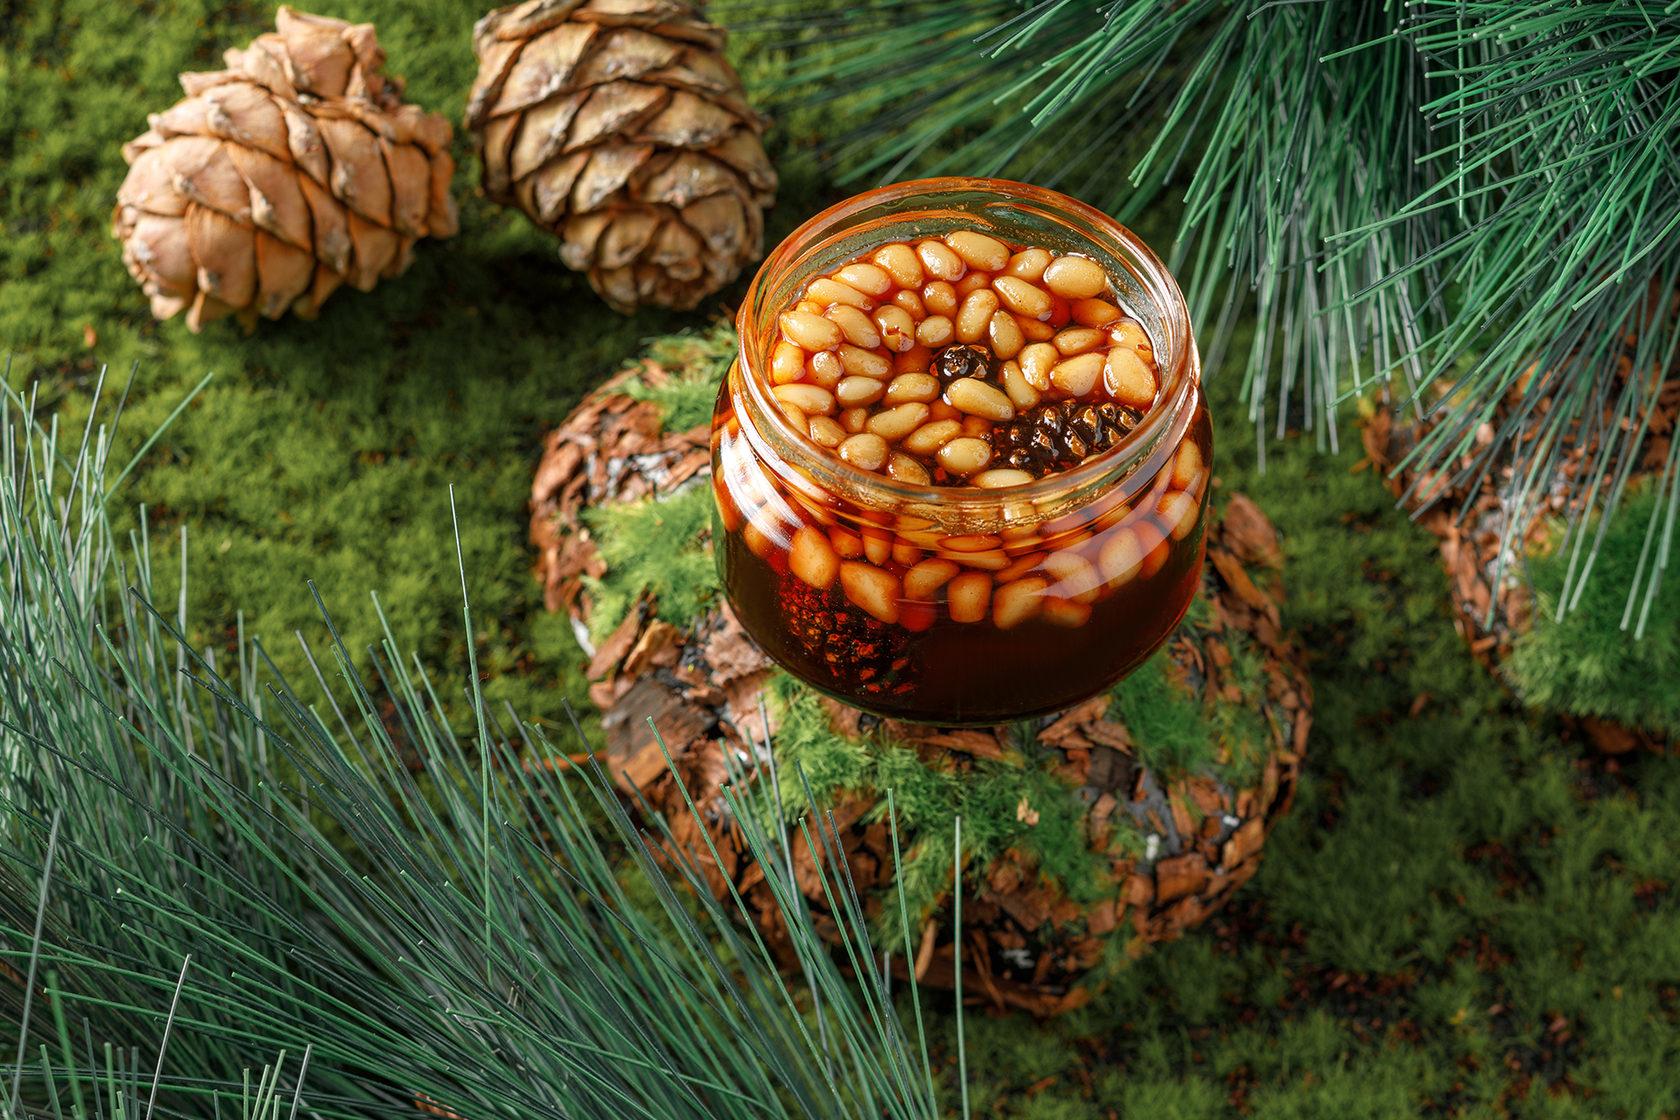 варенье из кедровых шишек рецепты с фото сабантуй праздник